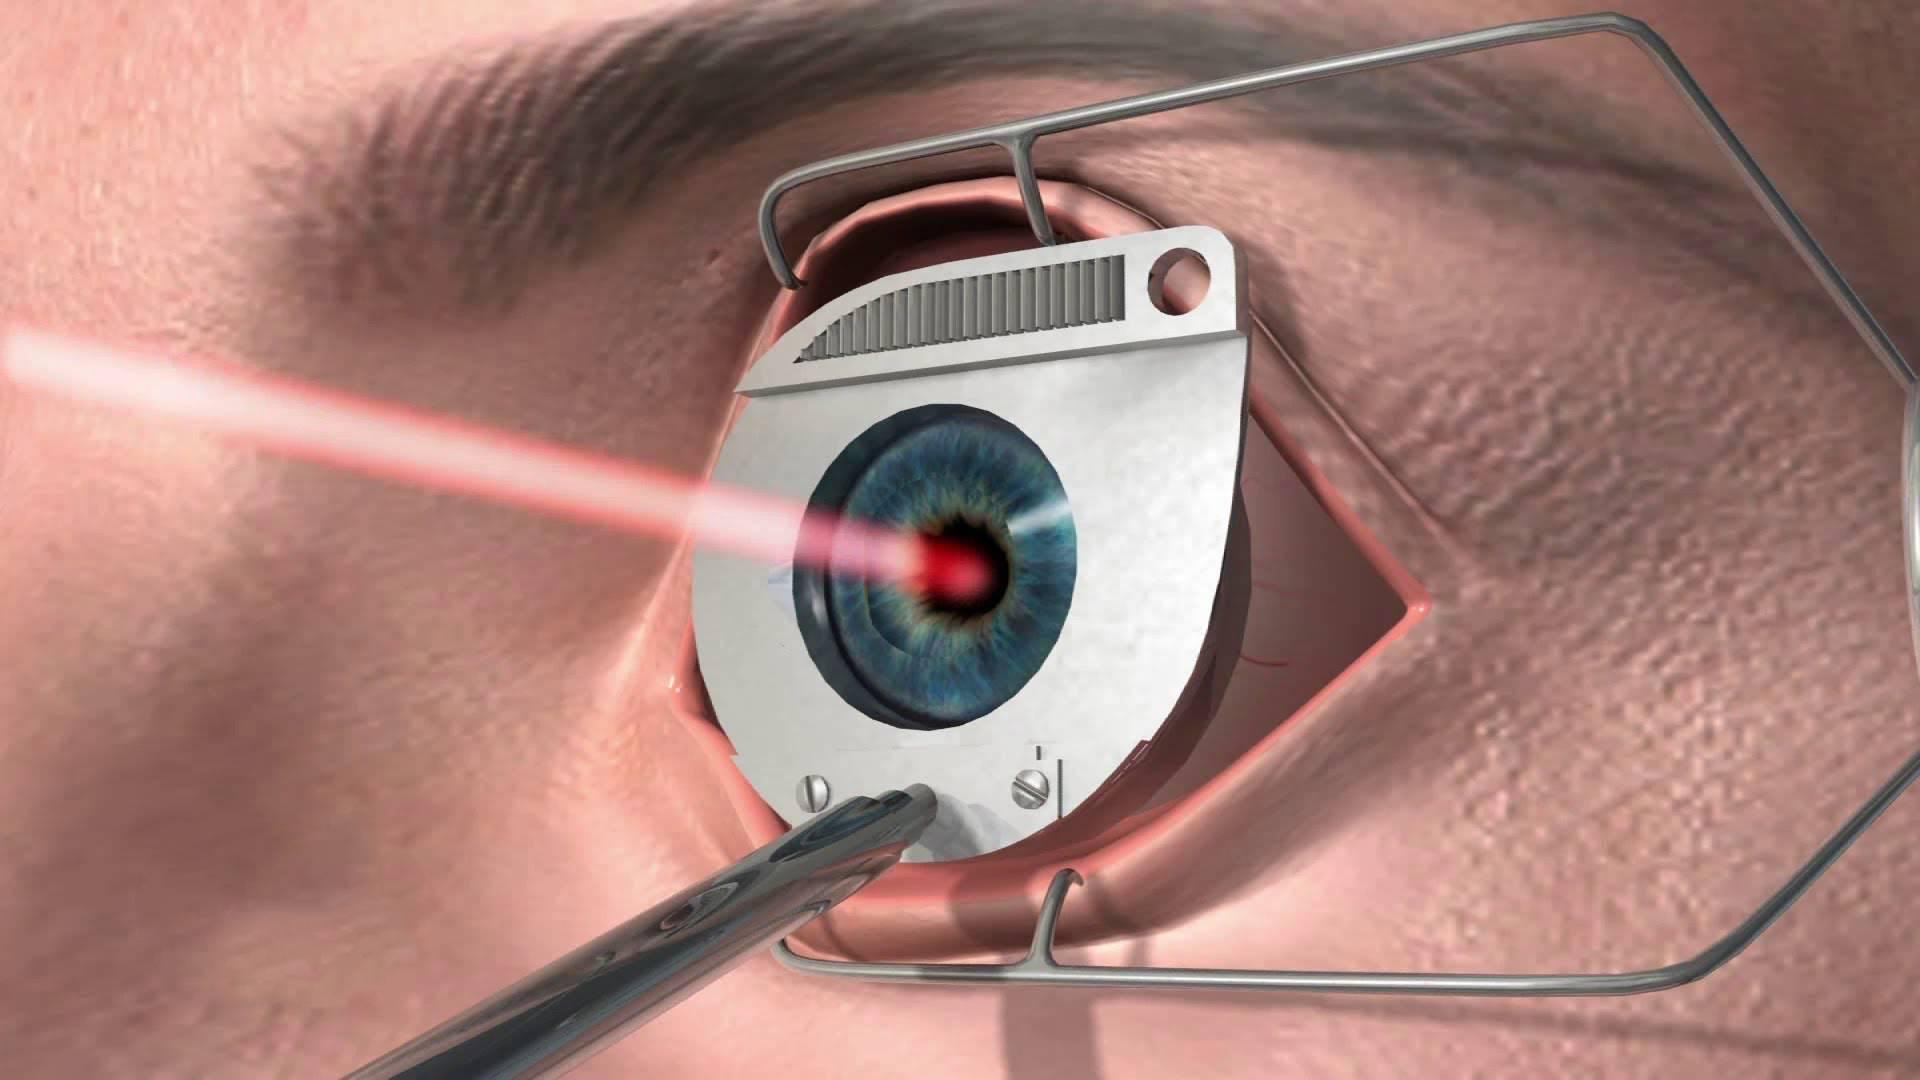 Склеропластика глаз у детей — что это такое, какие есть «за» и «против» для операции?